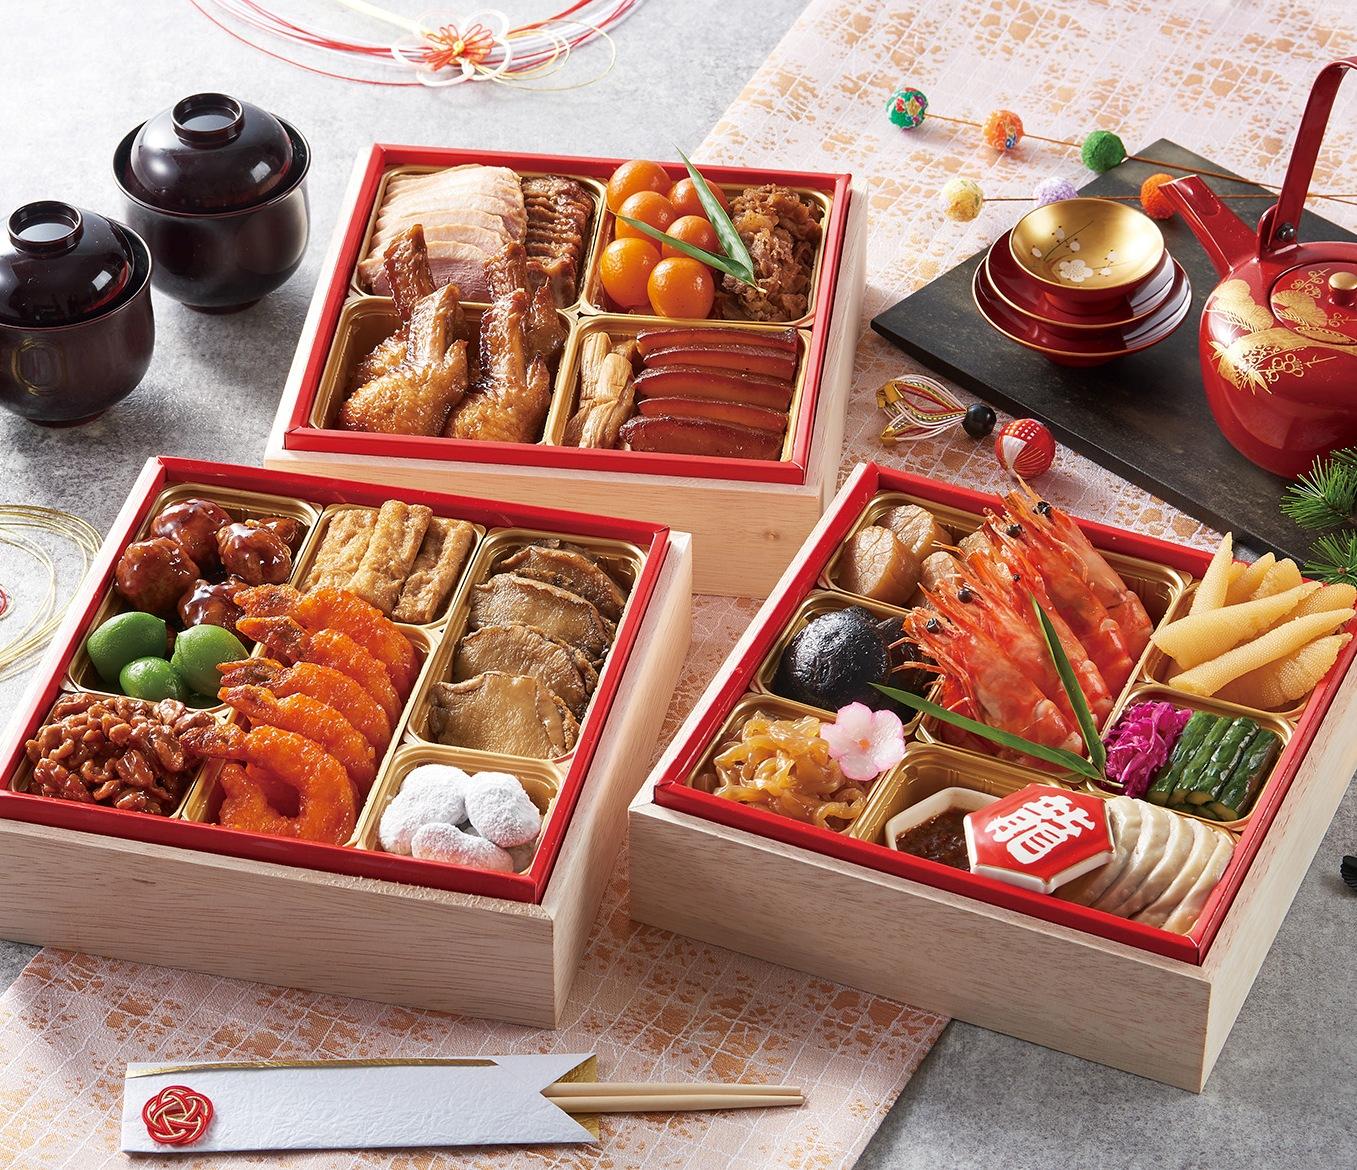 恵比寿で中華おせちが頼める中国料理店【ルーキスガーデン恵比寿】